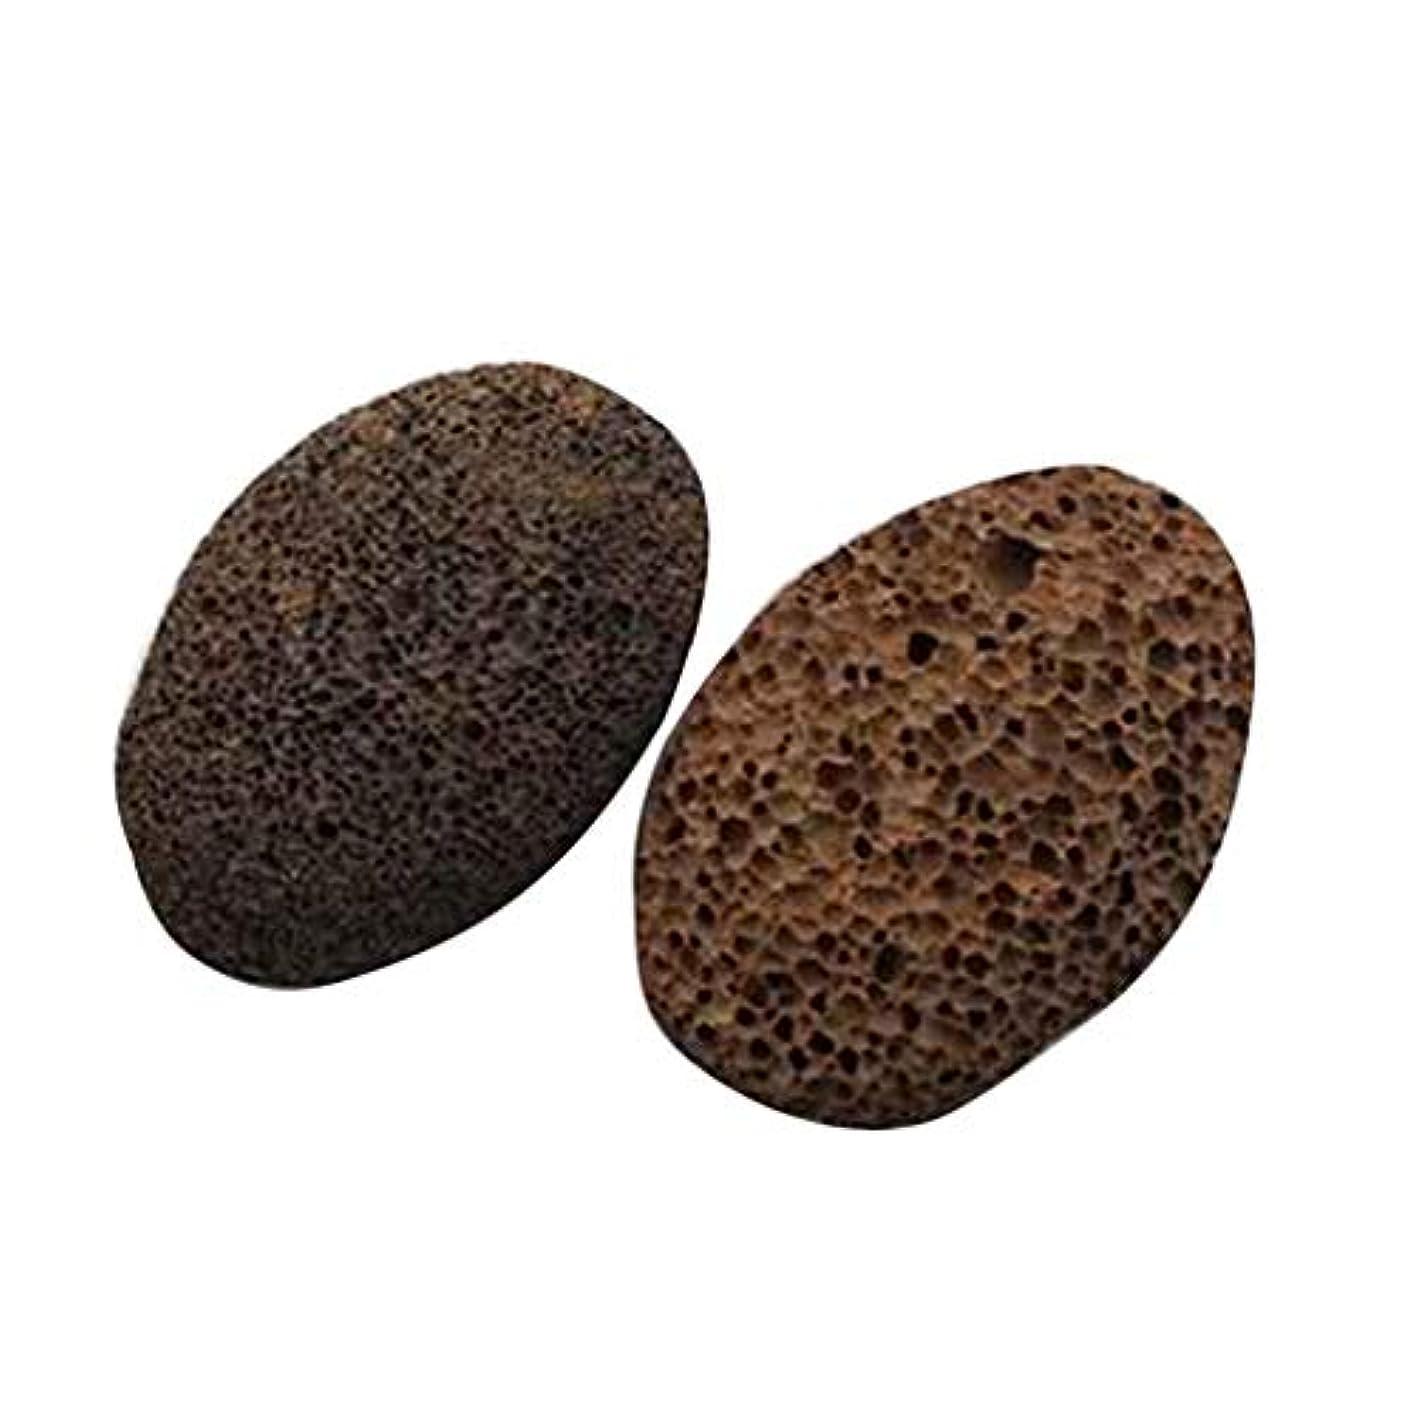 メジャー書き出す些細なNerhaily 死んだ皮軽石を取り除き 足石を挽いて 自然の火山石を剥がします 足マッサージ石 ワイプ足石 2個セット